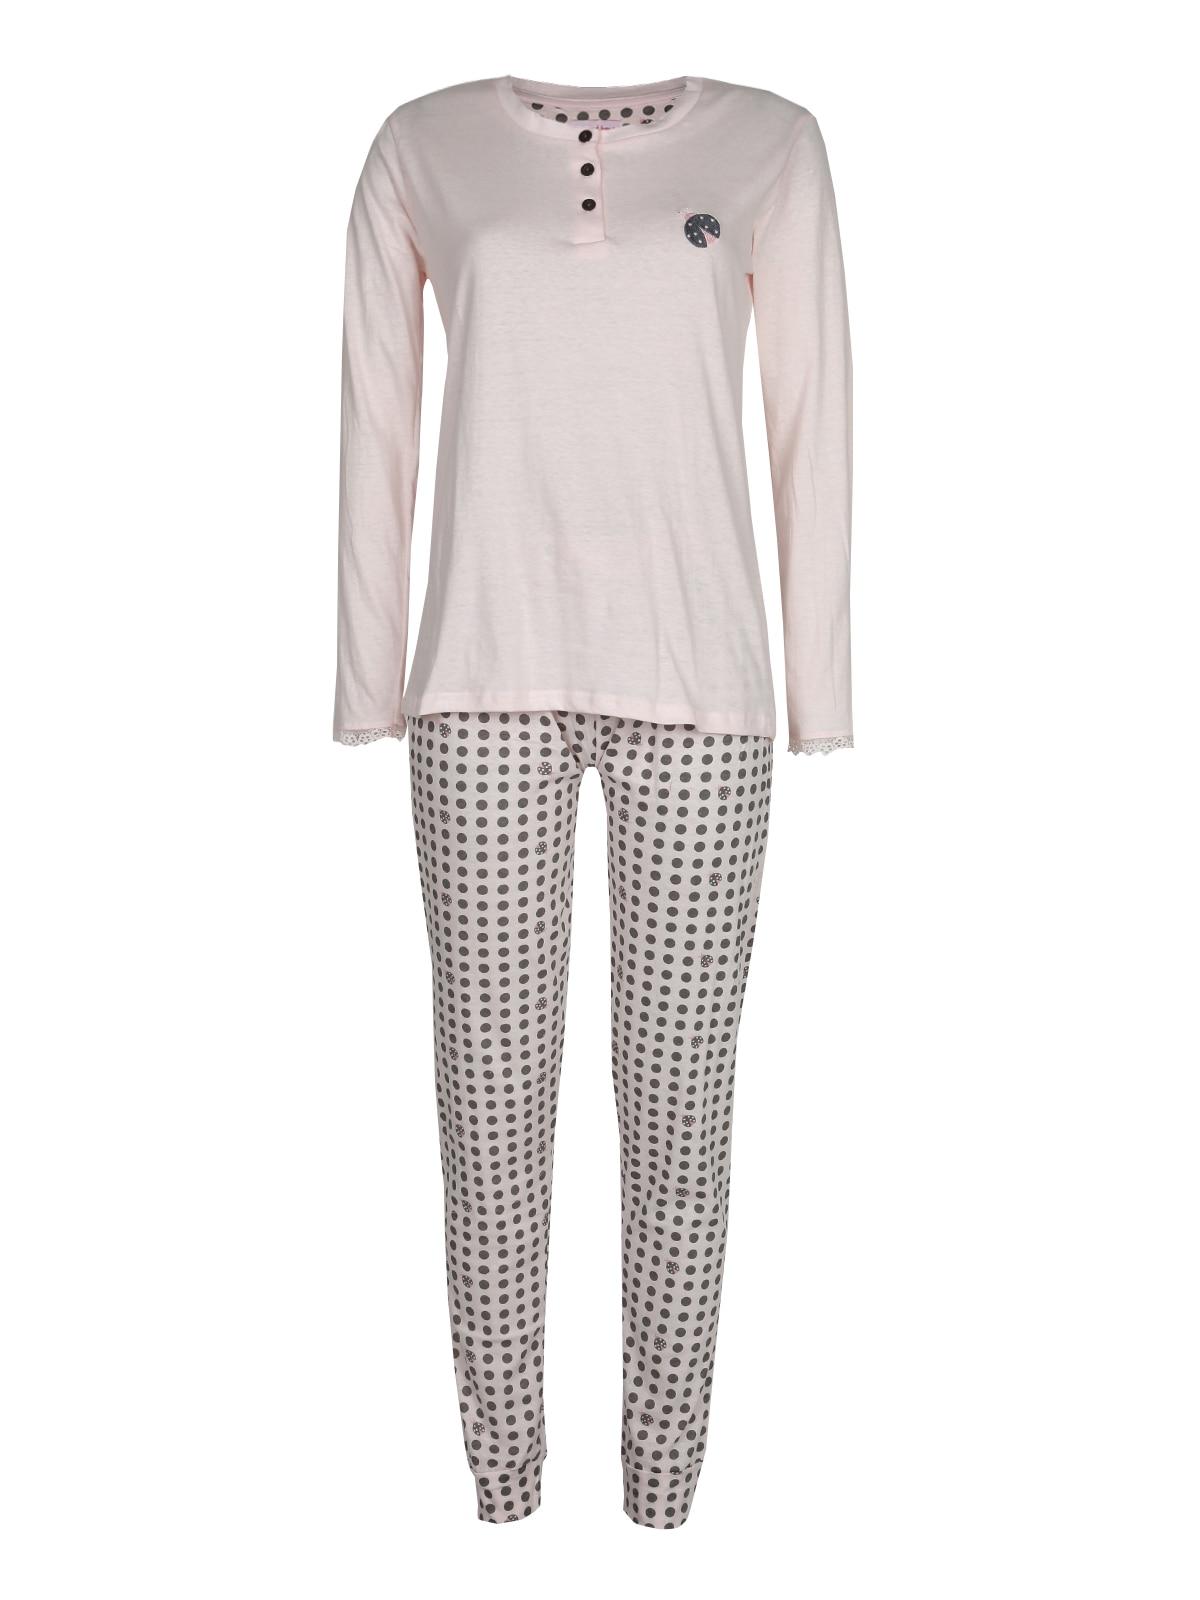 Pajamas Cotton Long With Polka Dot Pants